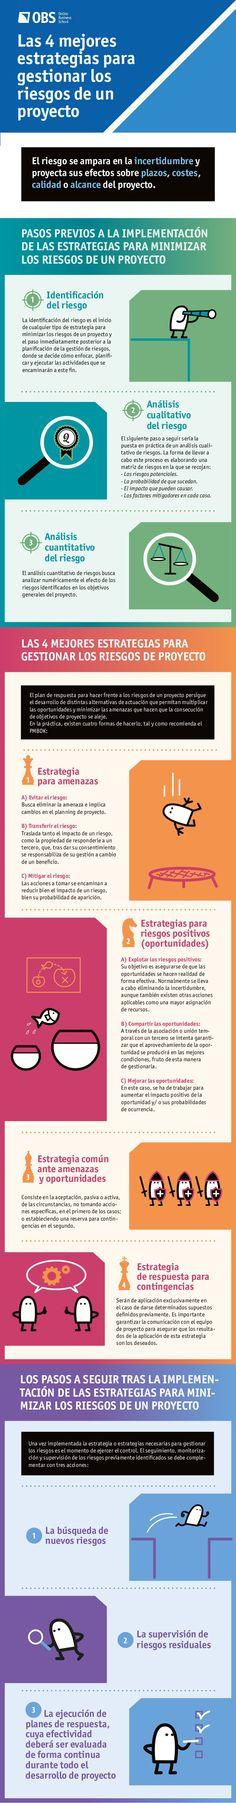 Las 4 mejores estrategias para gestionar los riesgos de un proyecto #infografia #infographic